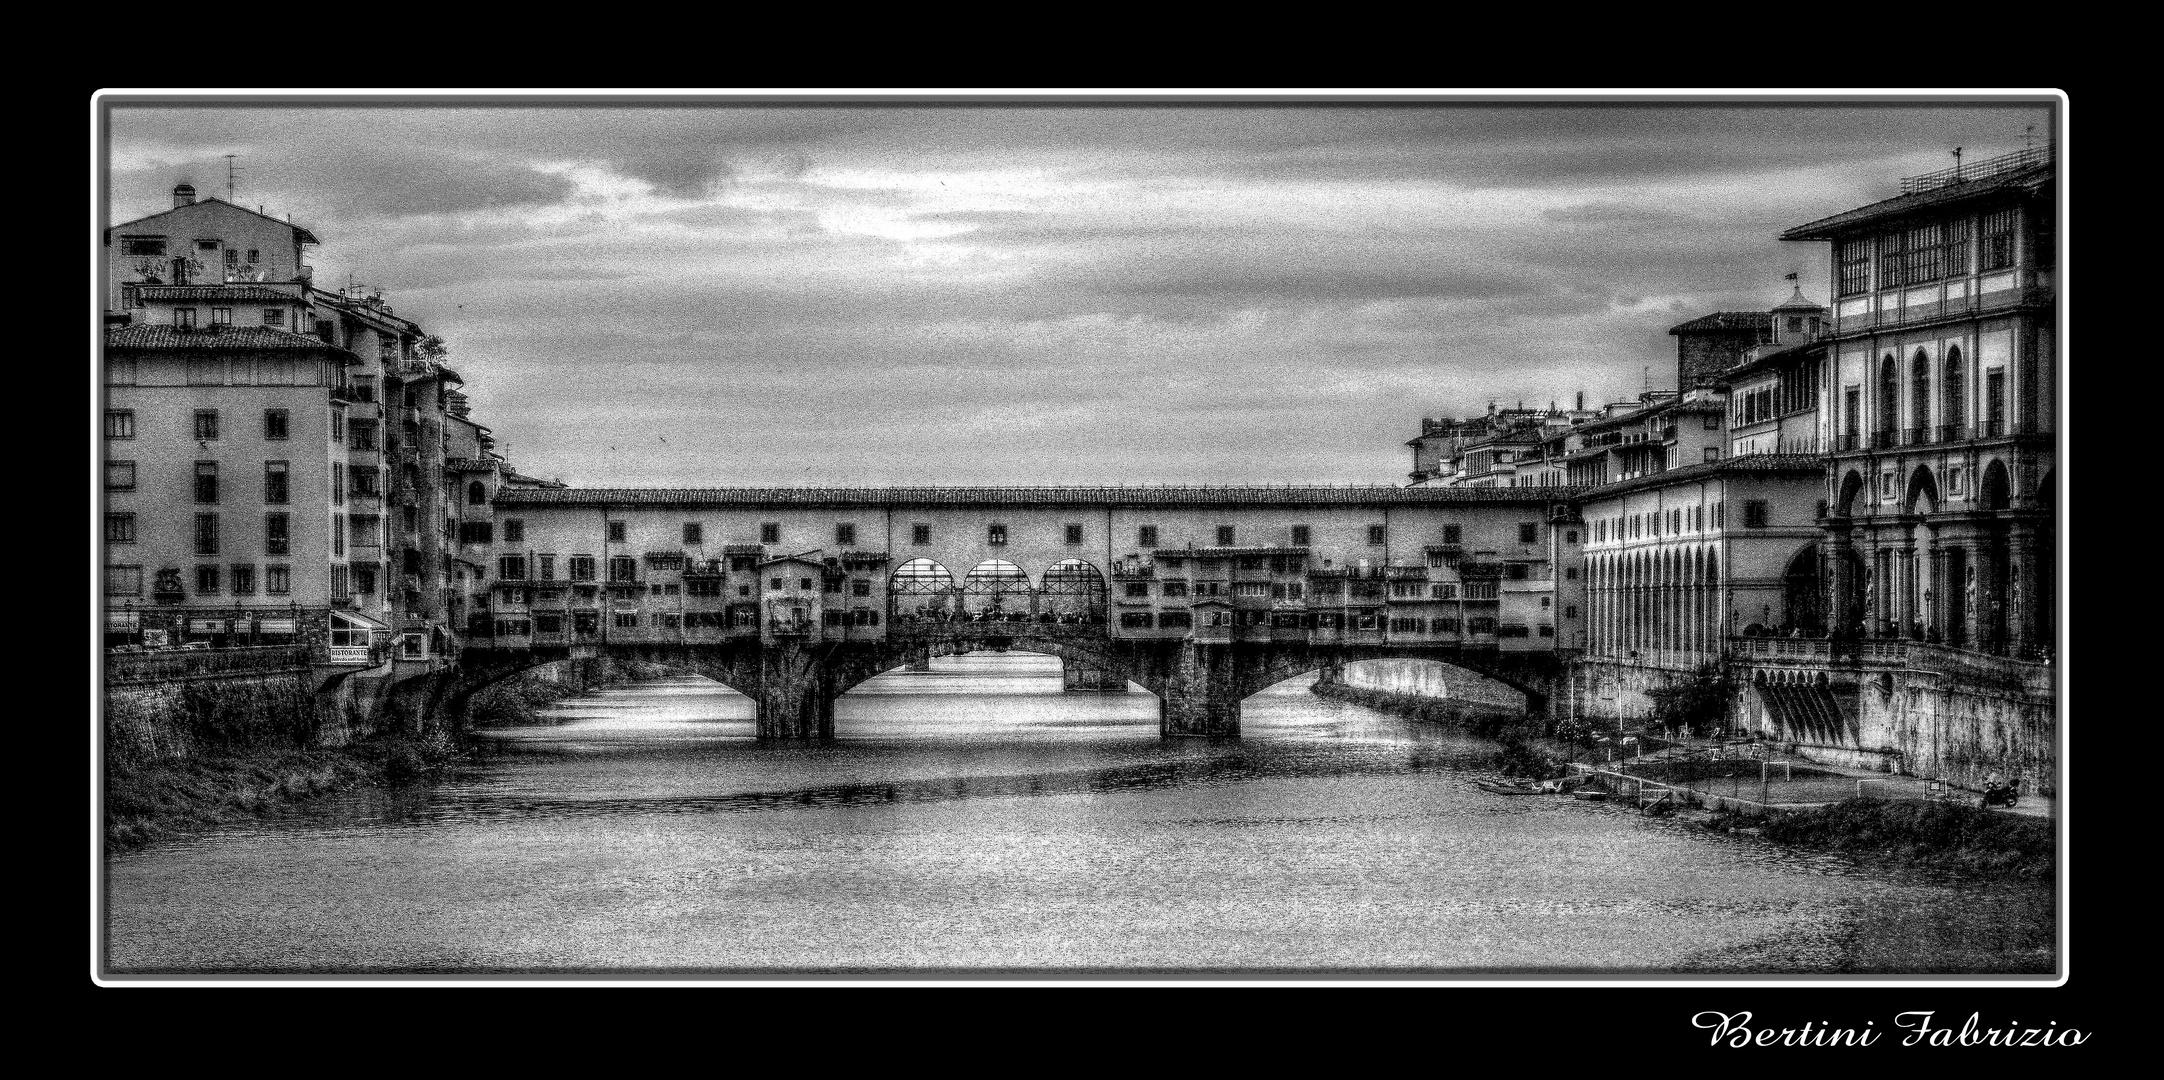 ponte vecchio in b/n